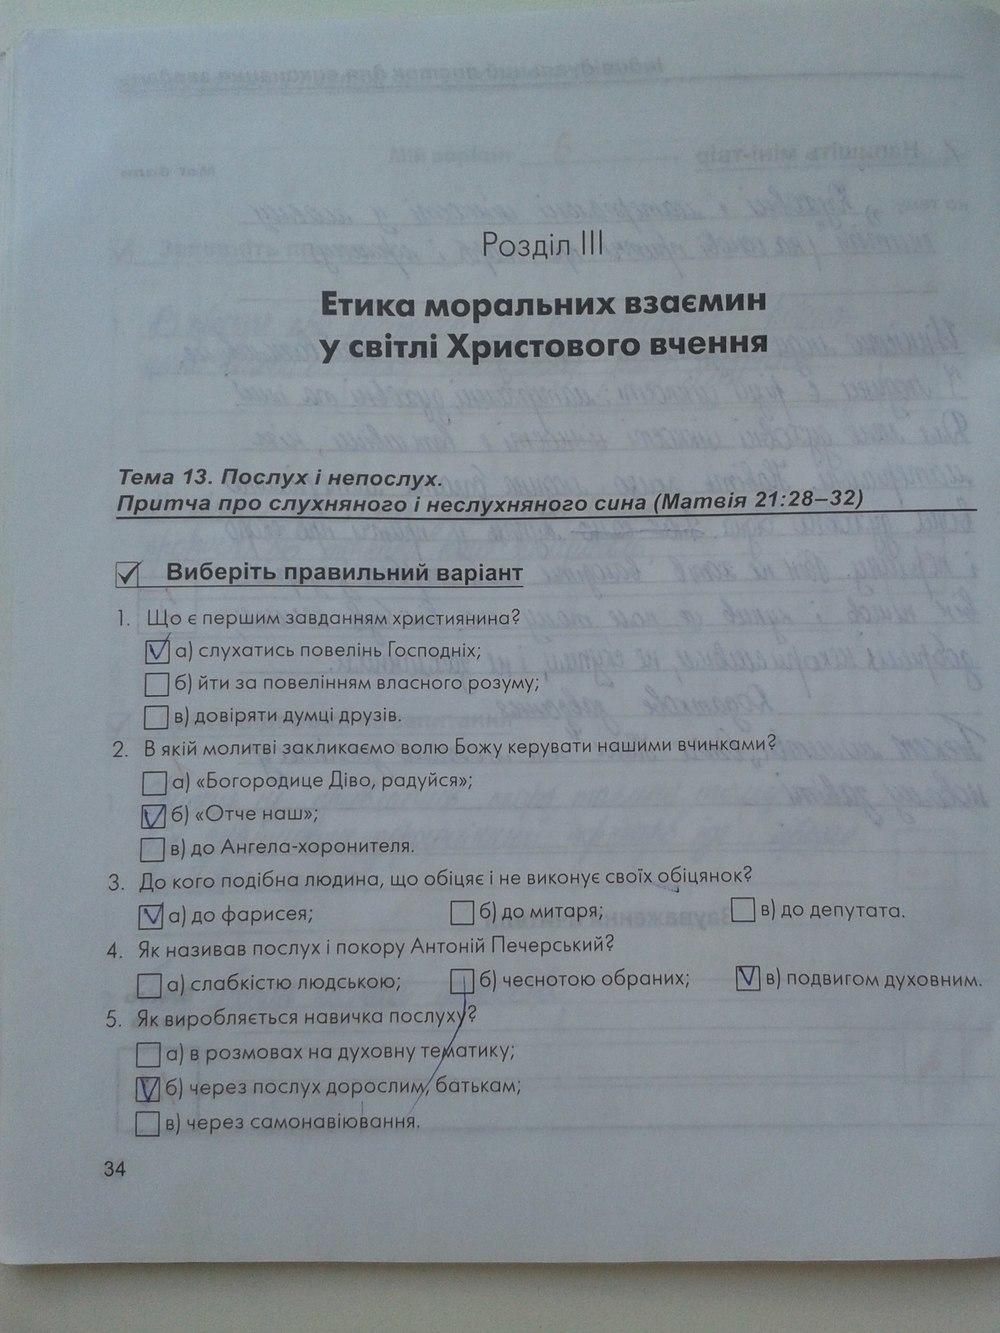 ГДЗ відповіді робочий зошит по этике 6 класс Г.О. Кізілова. Задание: стр. 34